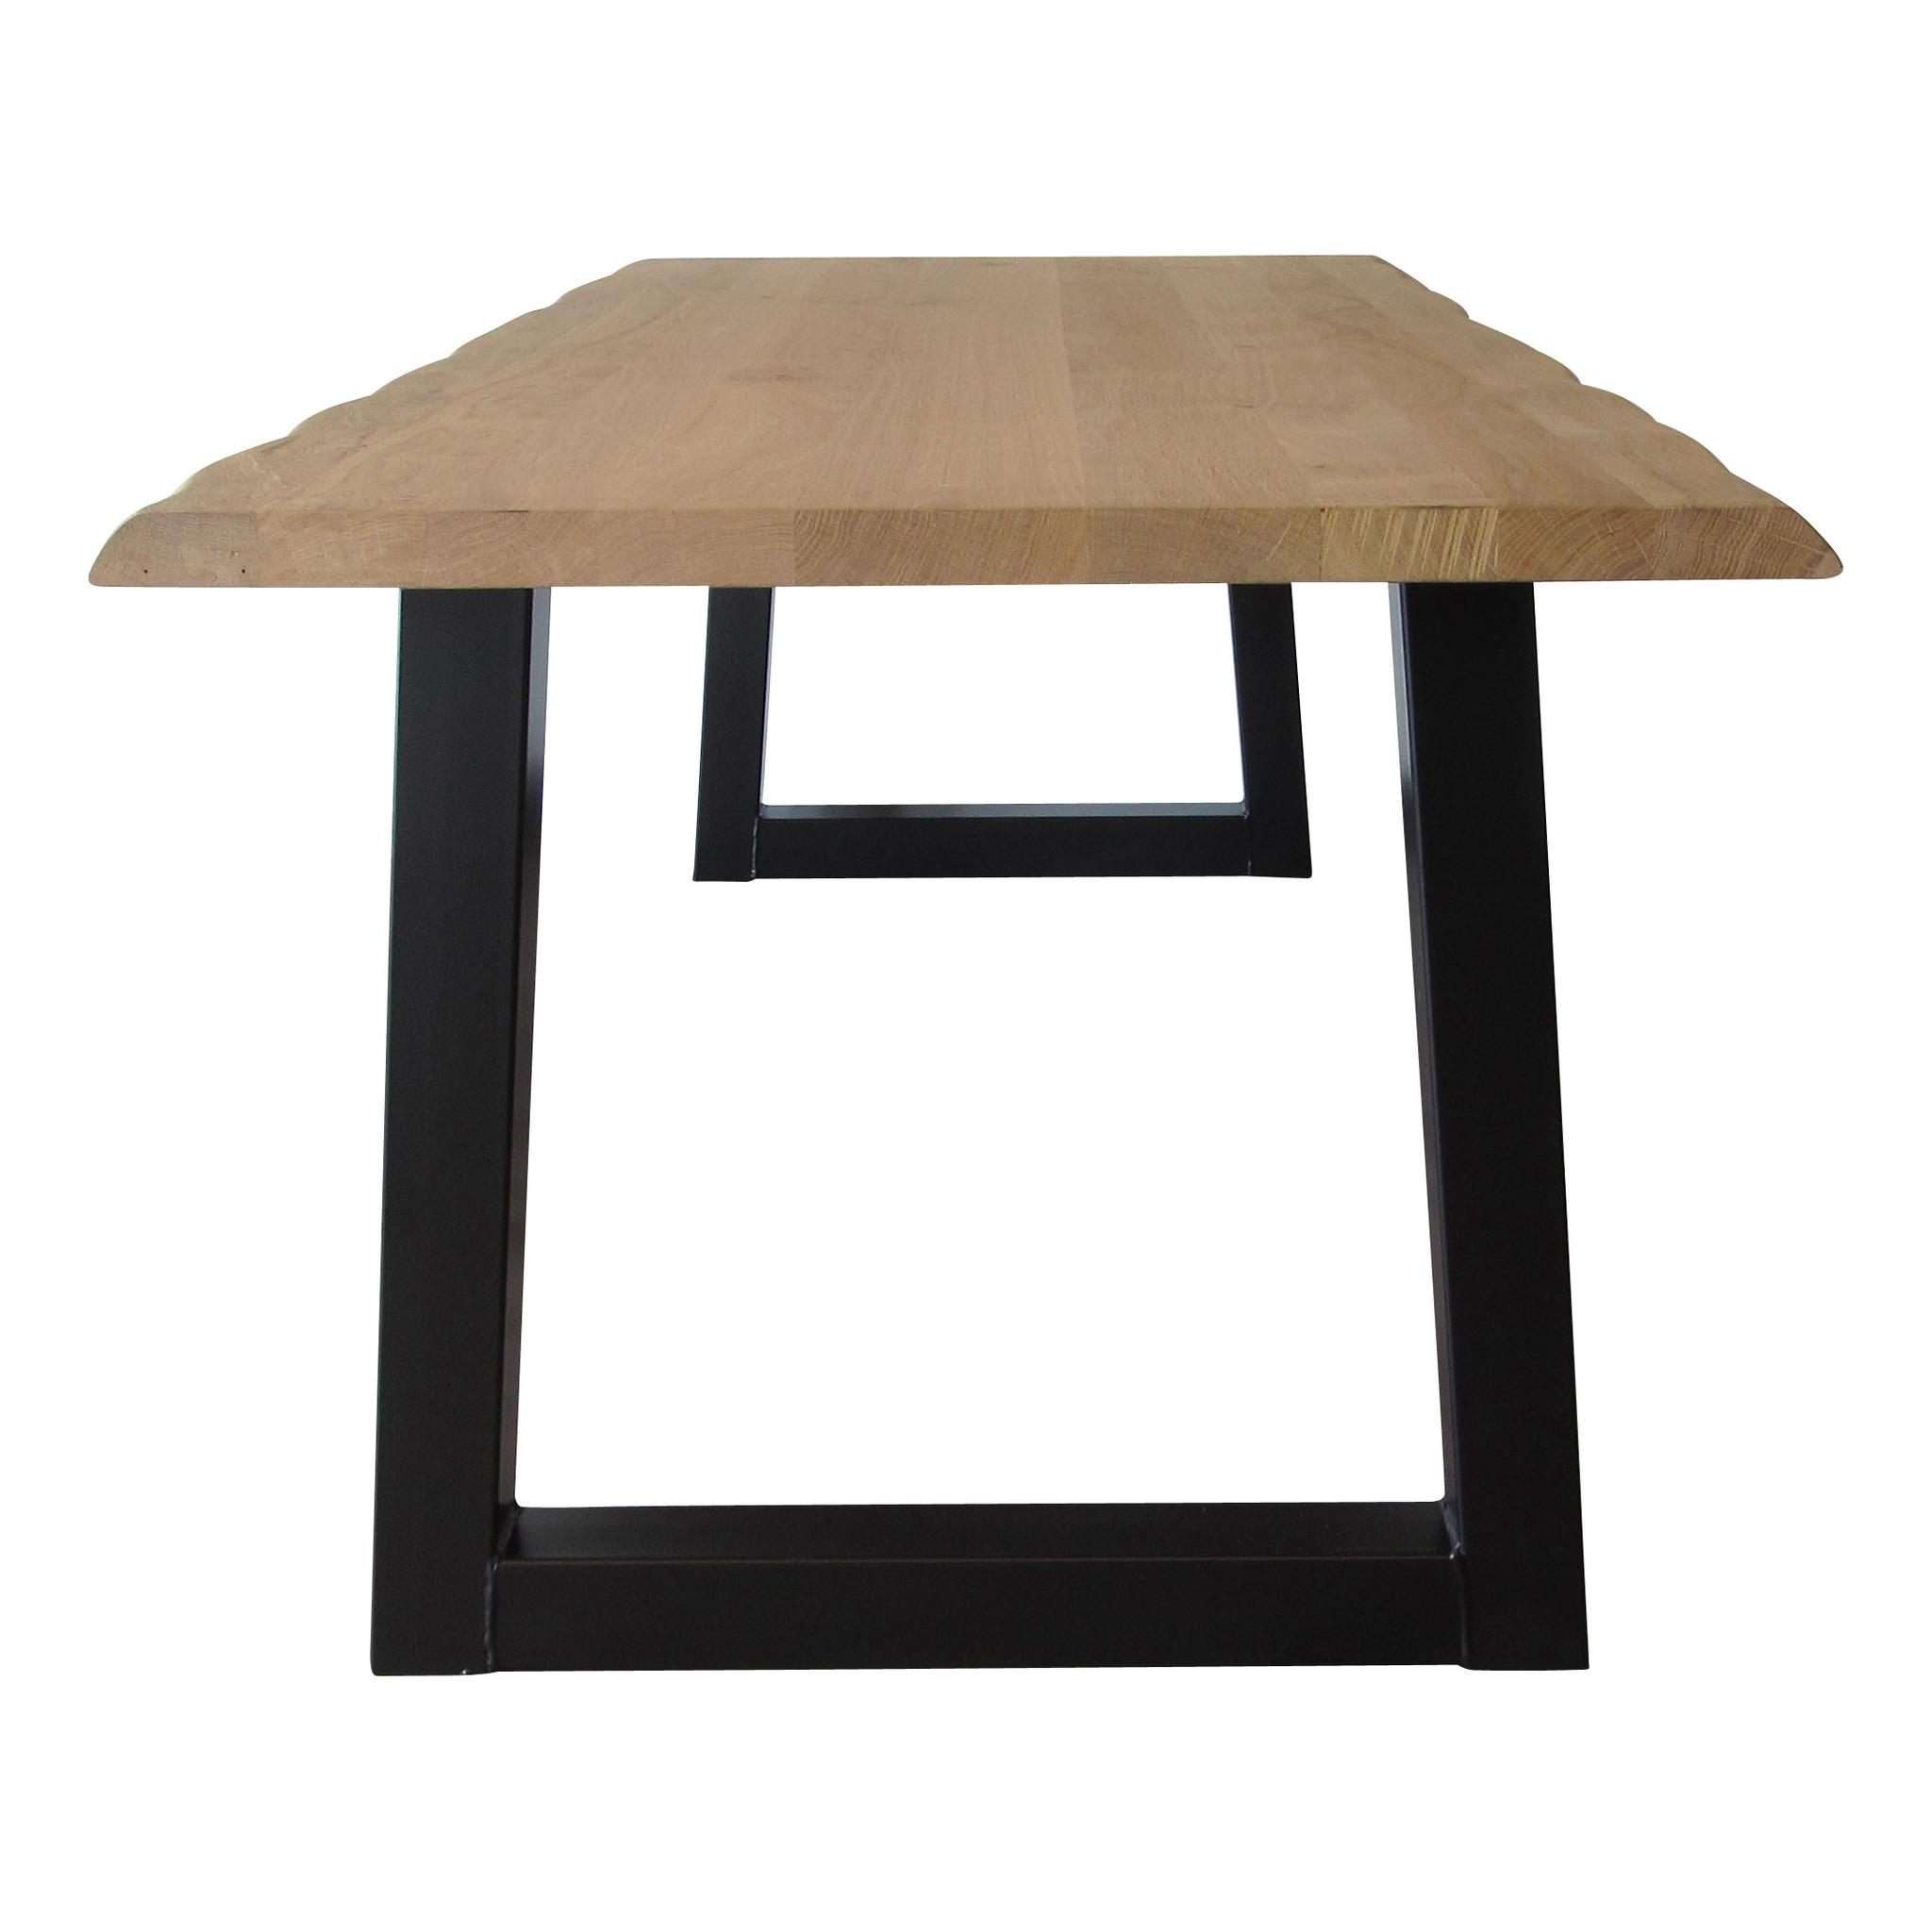 industriele tafels stalen Trapezium tafelpoten